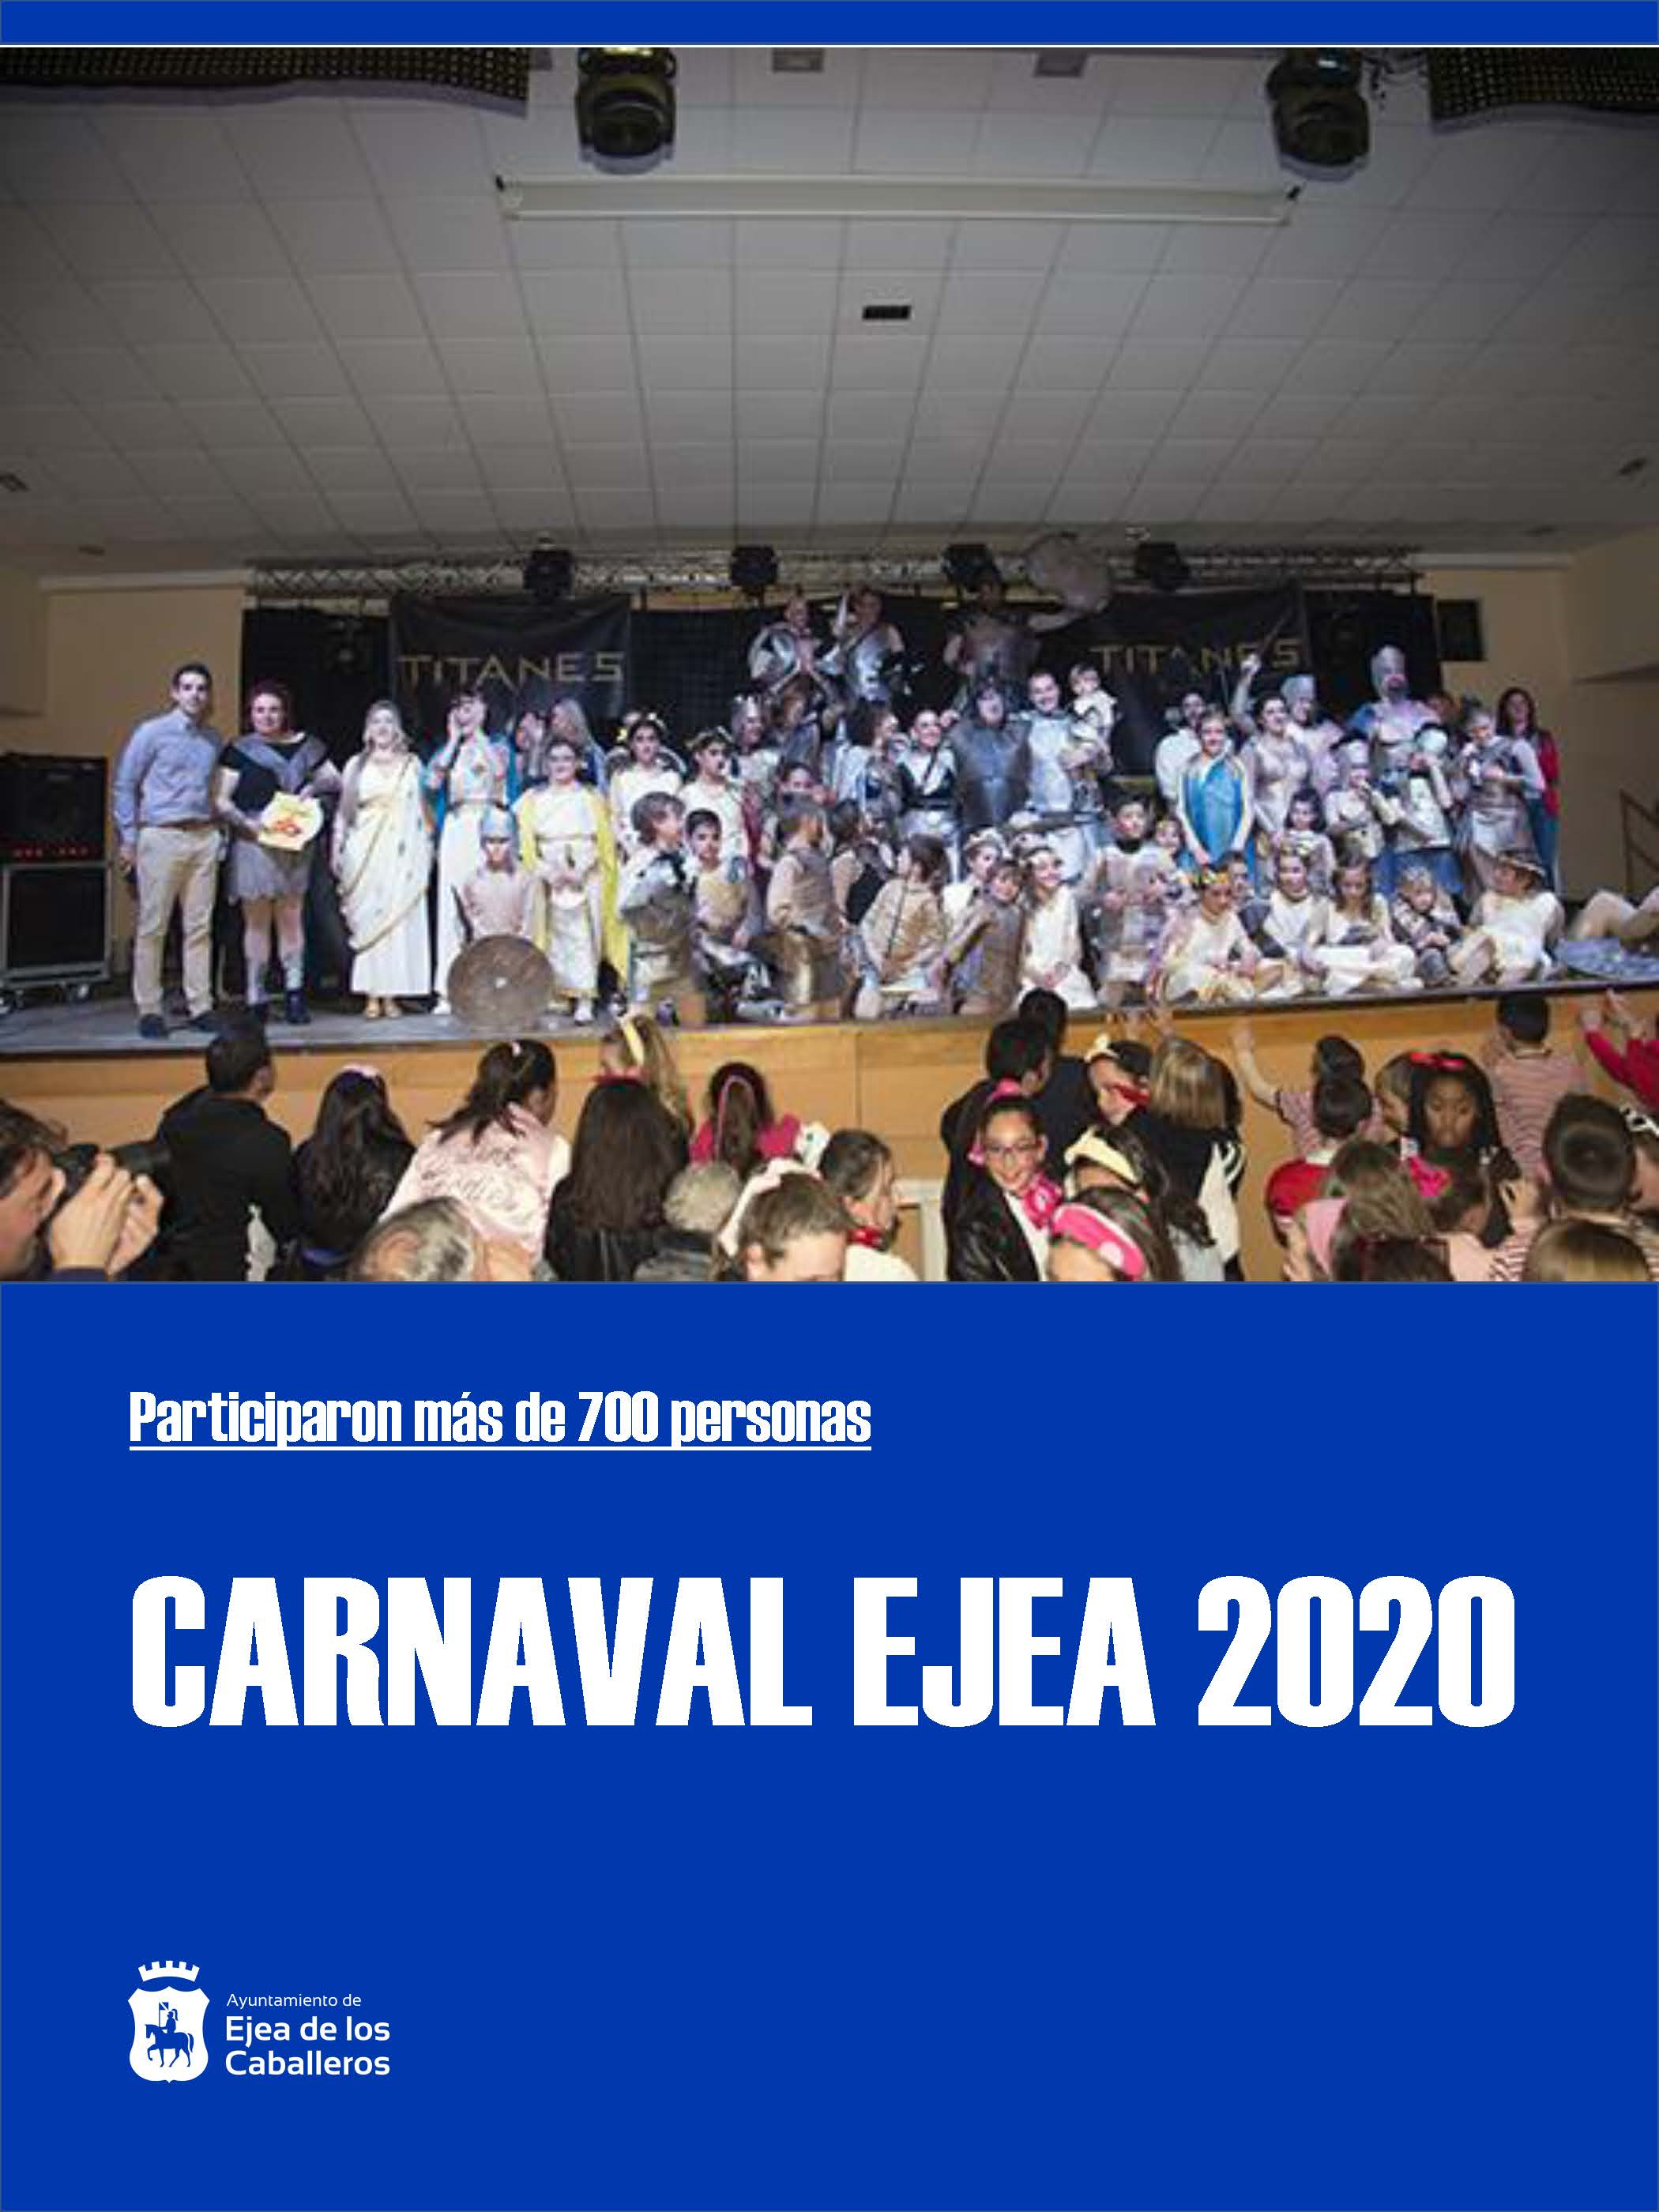 El Concurso de disfraces del Carnaval 2020 de Ejea ofreció un espectáculo de primer nivel a la ciudadanía